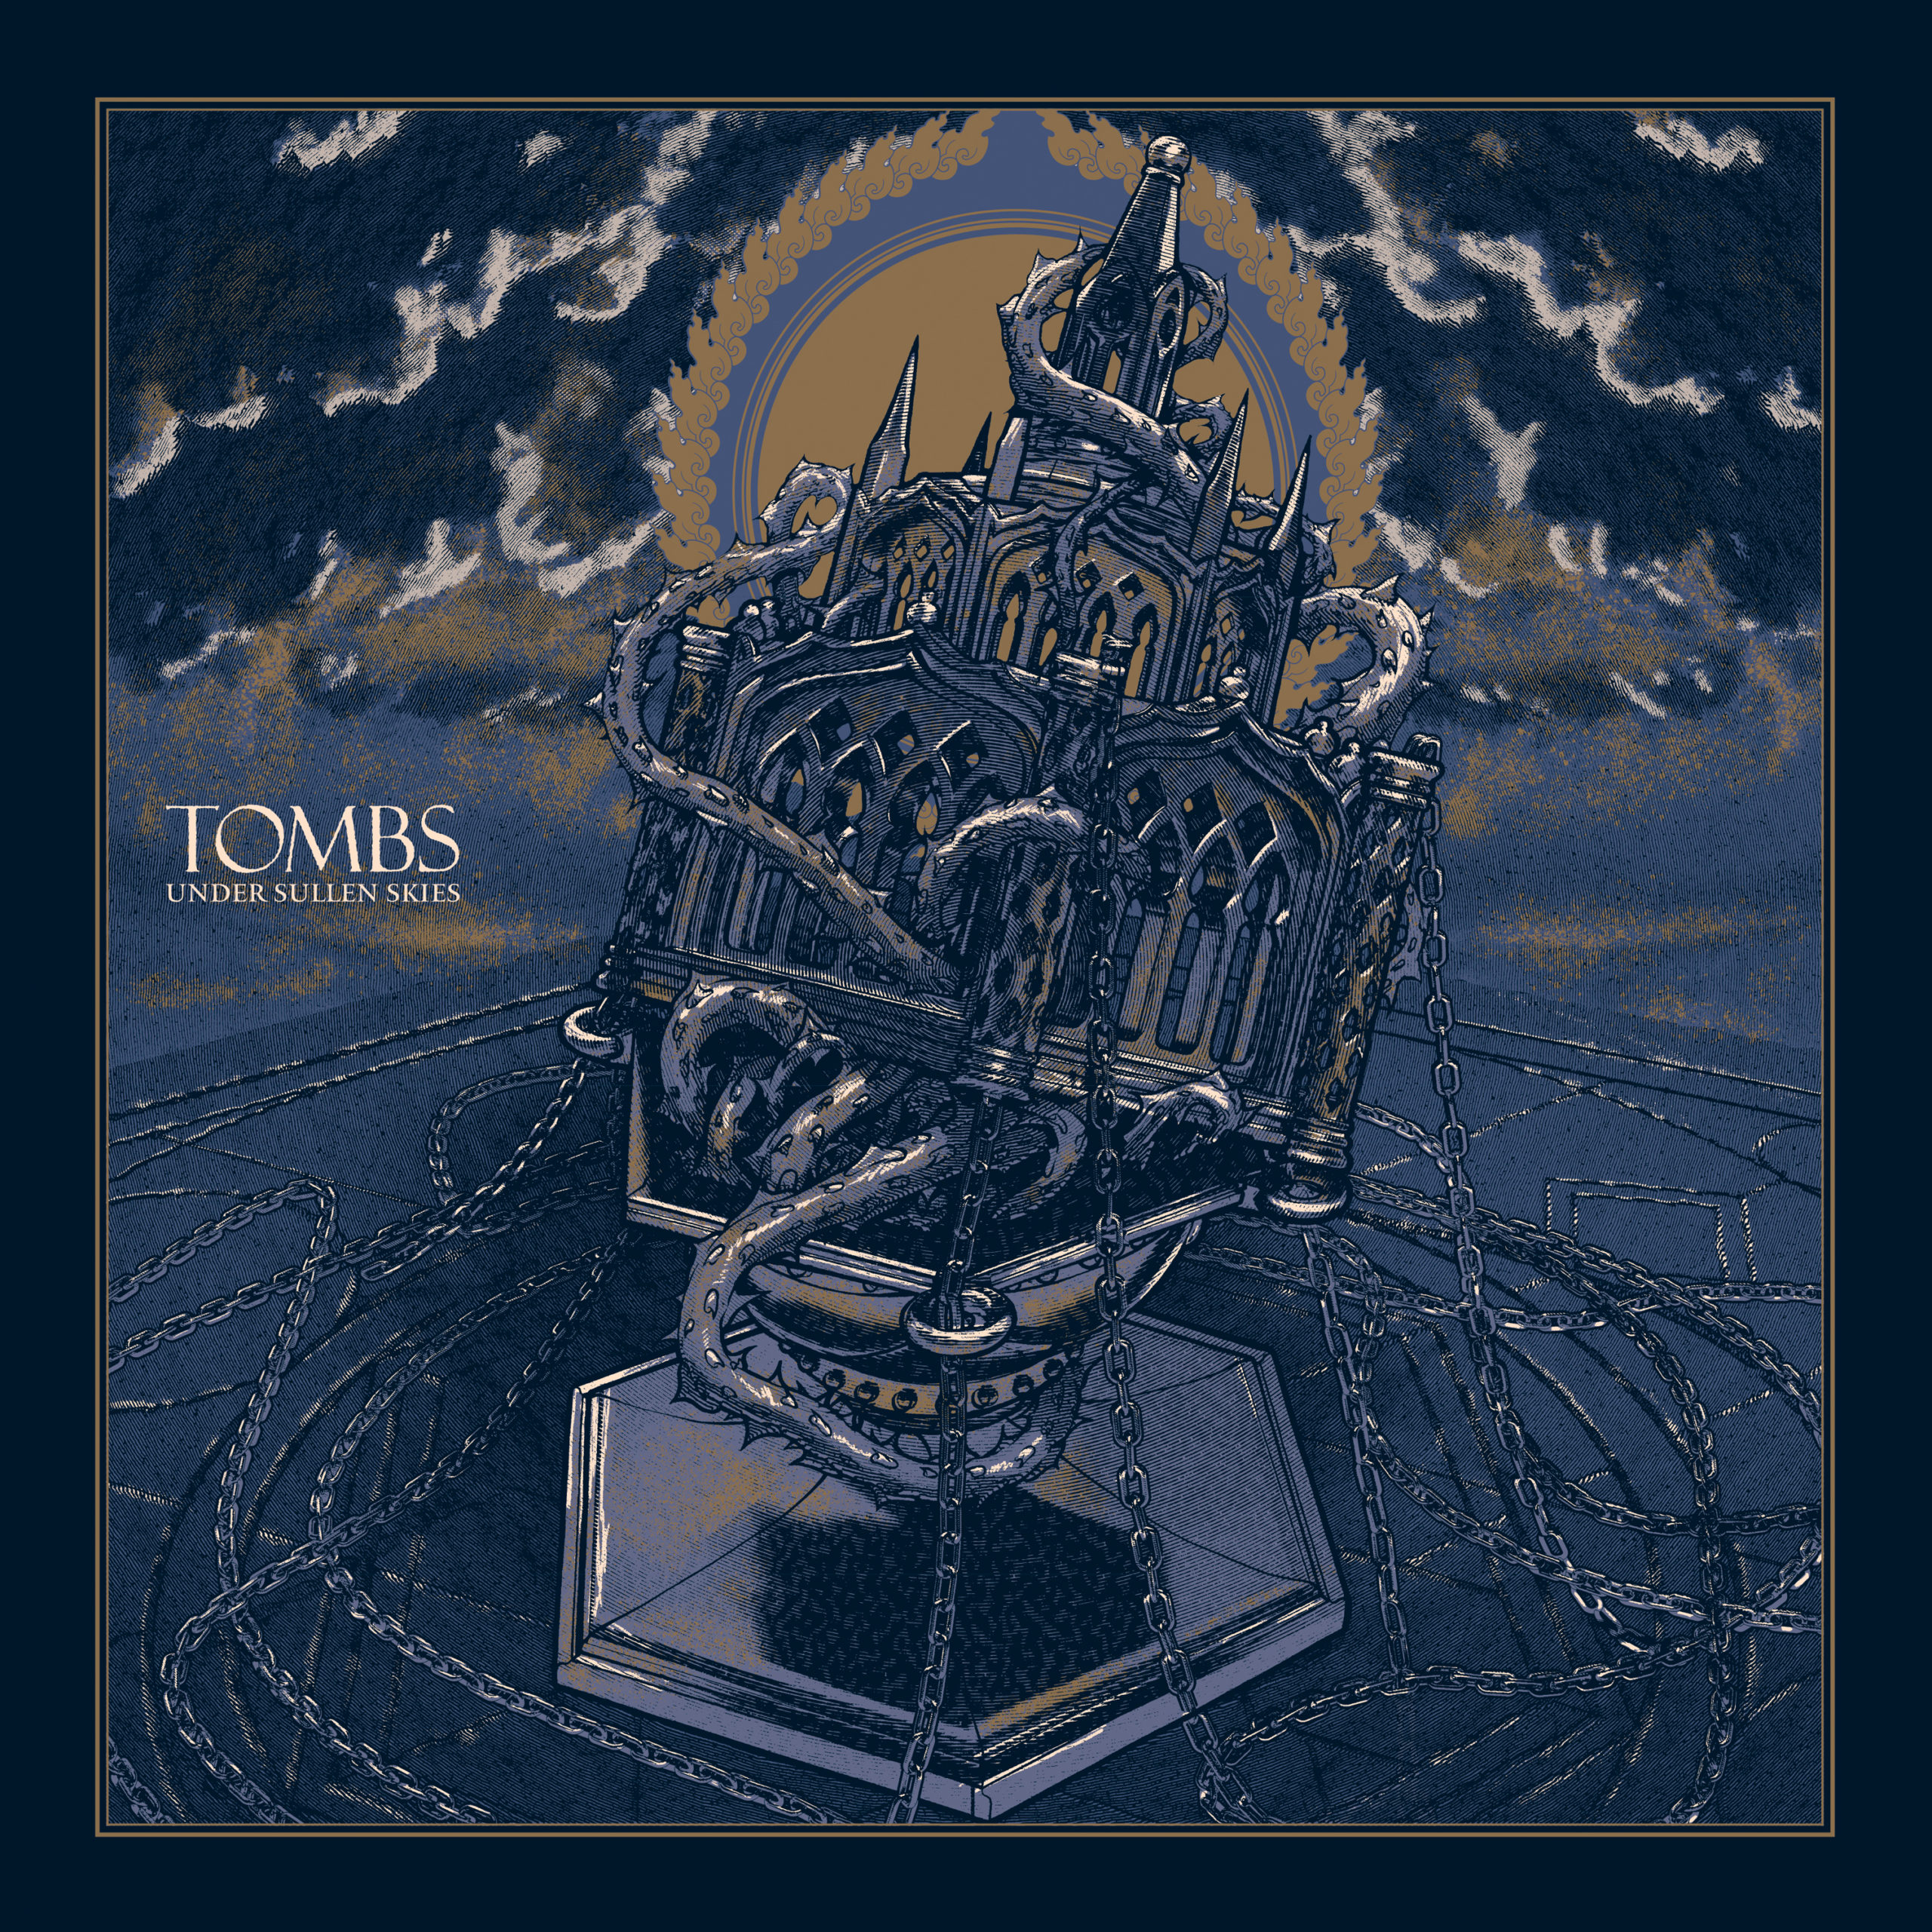 Tombs – Under Sullen Skies